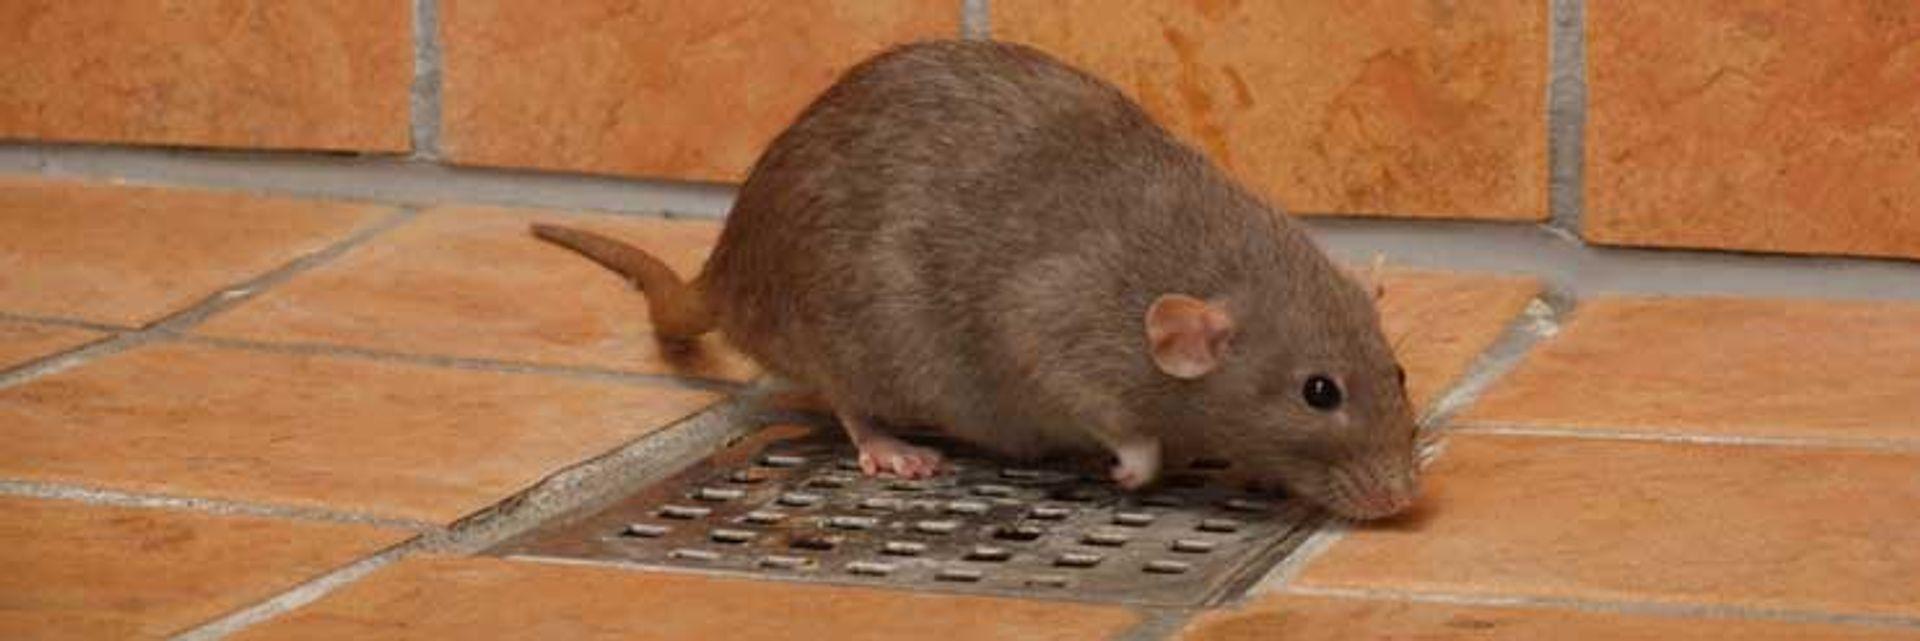 Anticimex kan hjælpe dig, hvis du IKKE vil have rotter - tlf 69151744